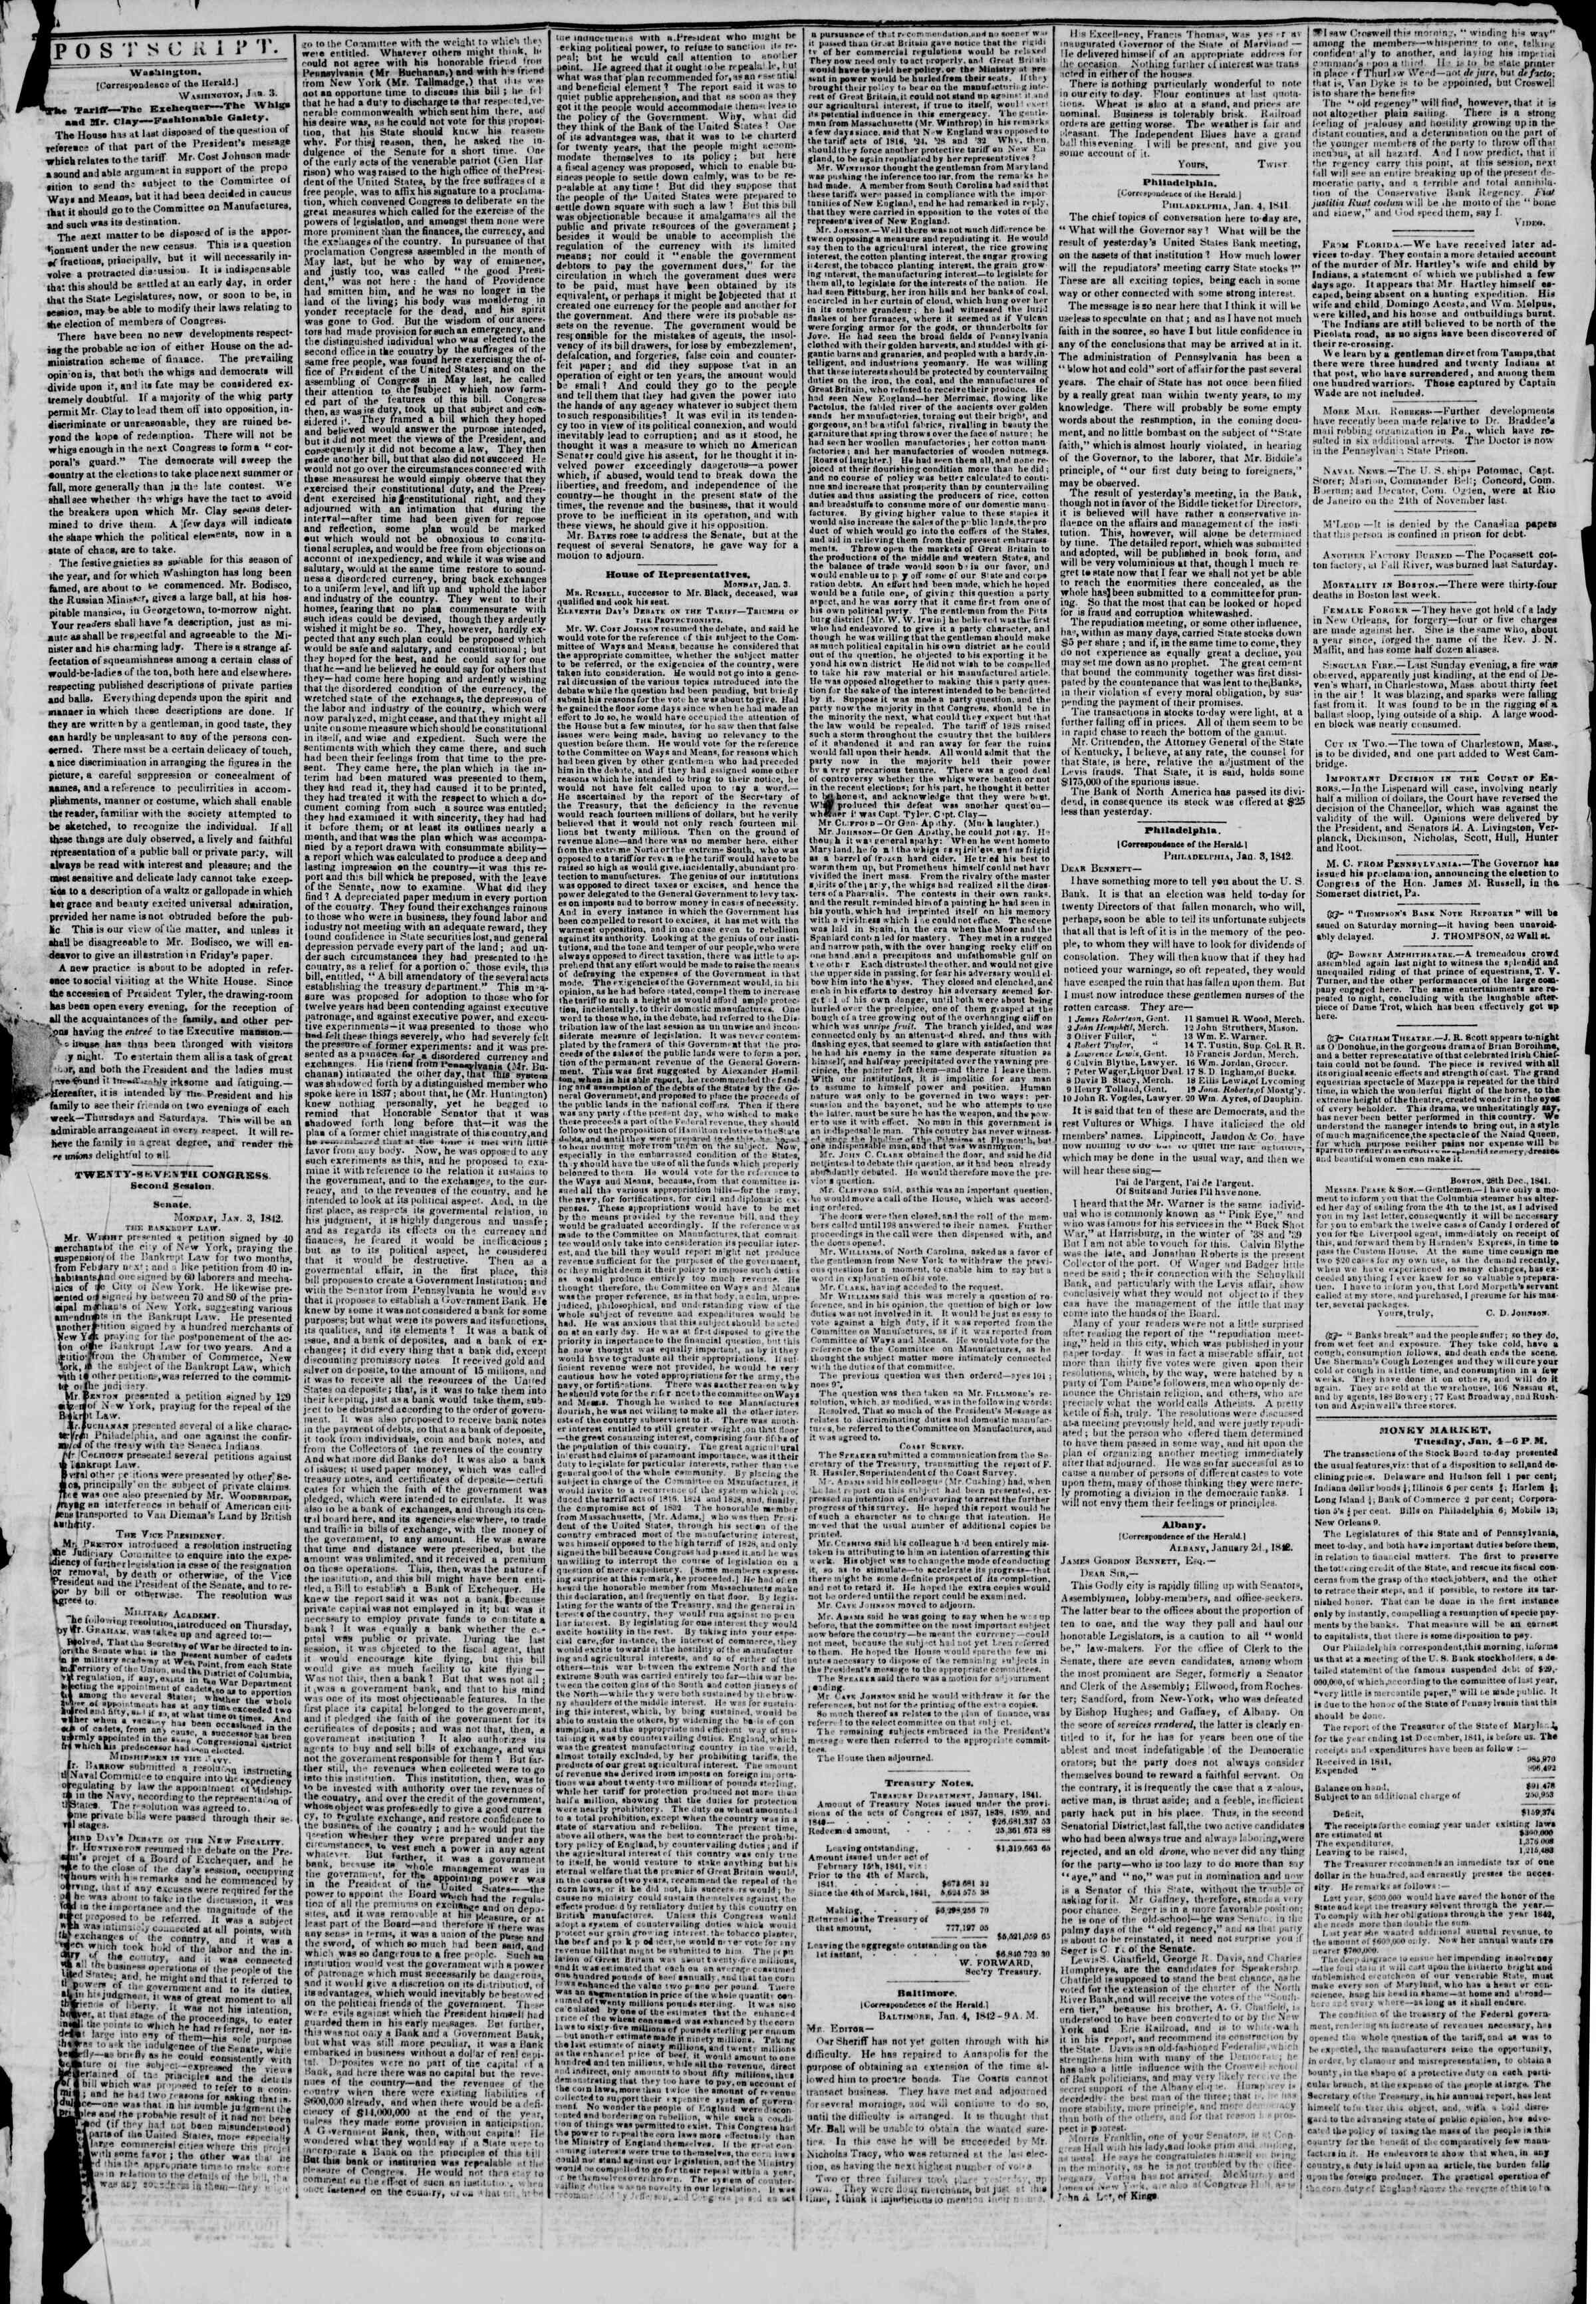 January 5, 1842 Tarihli The New York Herald Gazetesi Sayfa 3